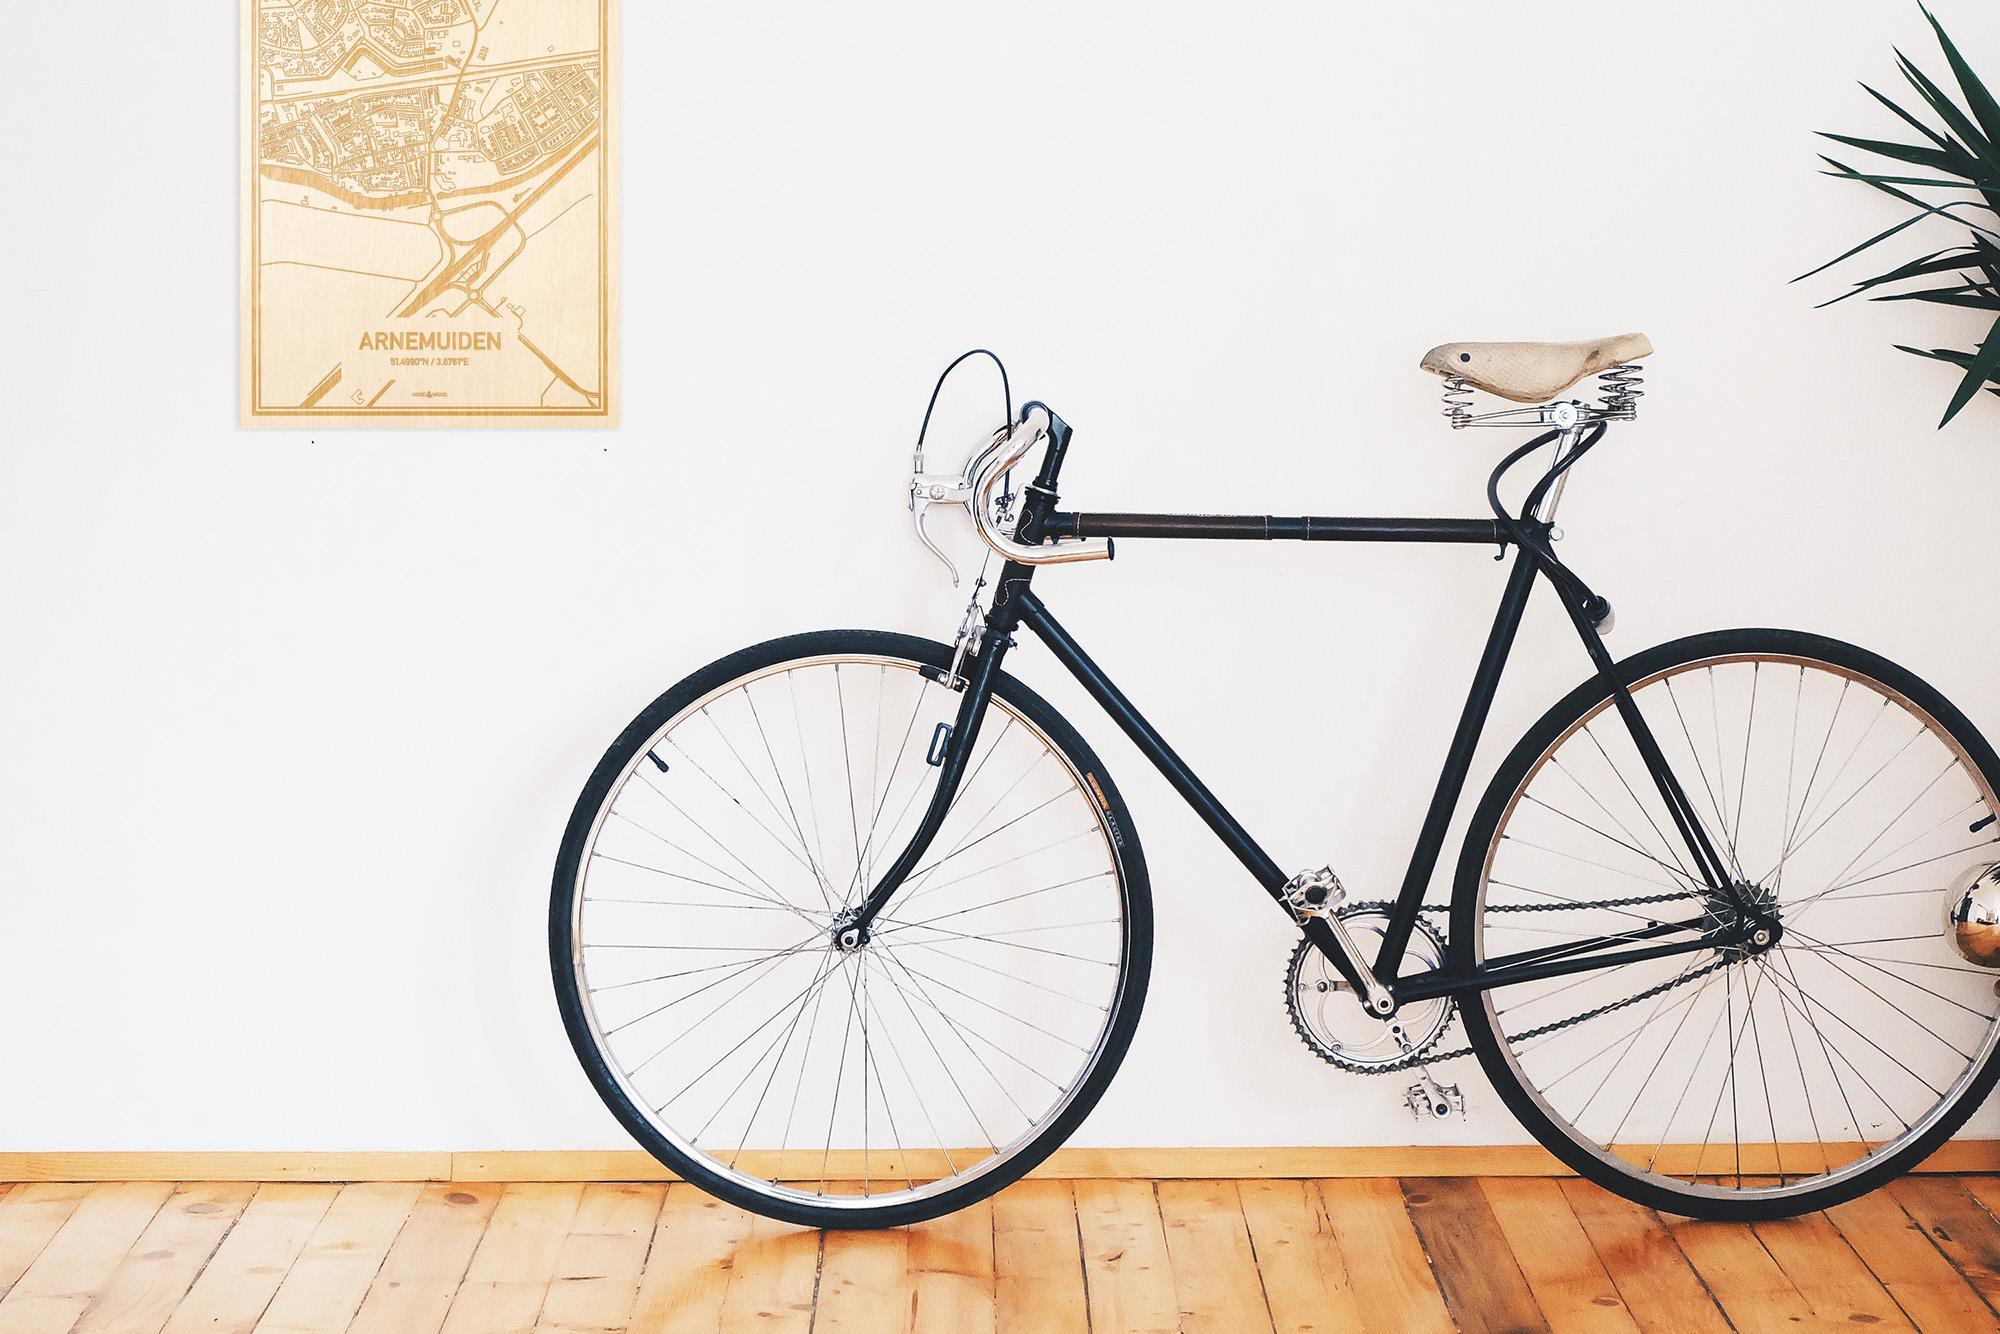 Een snelle fiets in een uniek interieur in Zeeland met mooie decoratie zoals de plattegrond Arnemuiden.